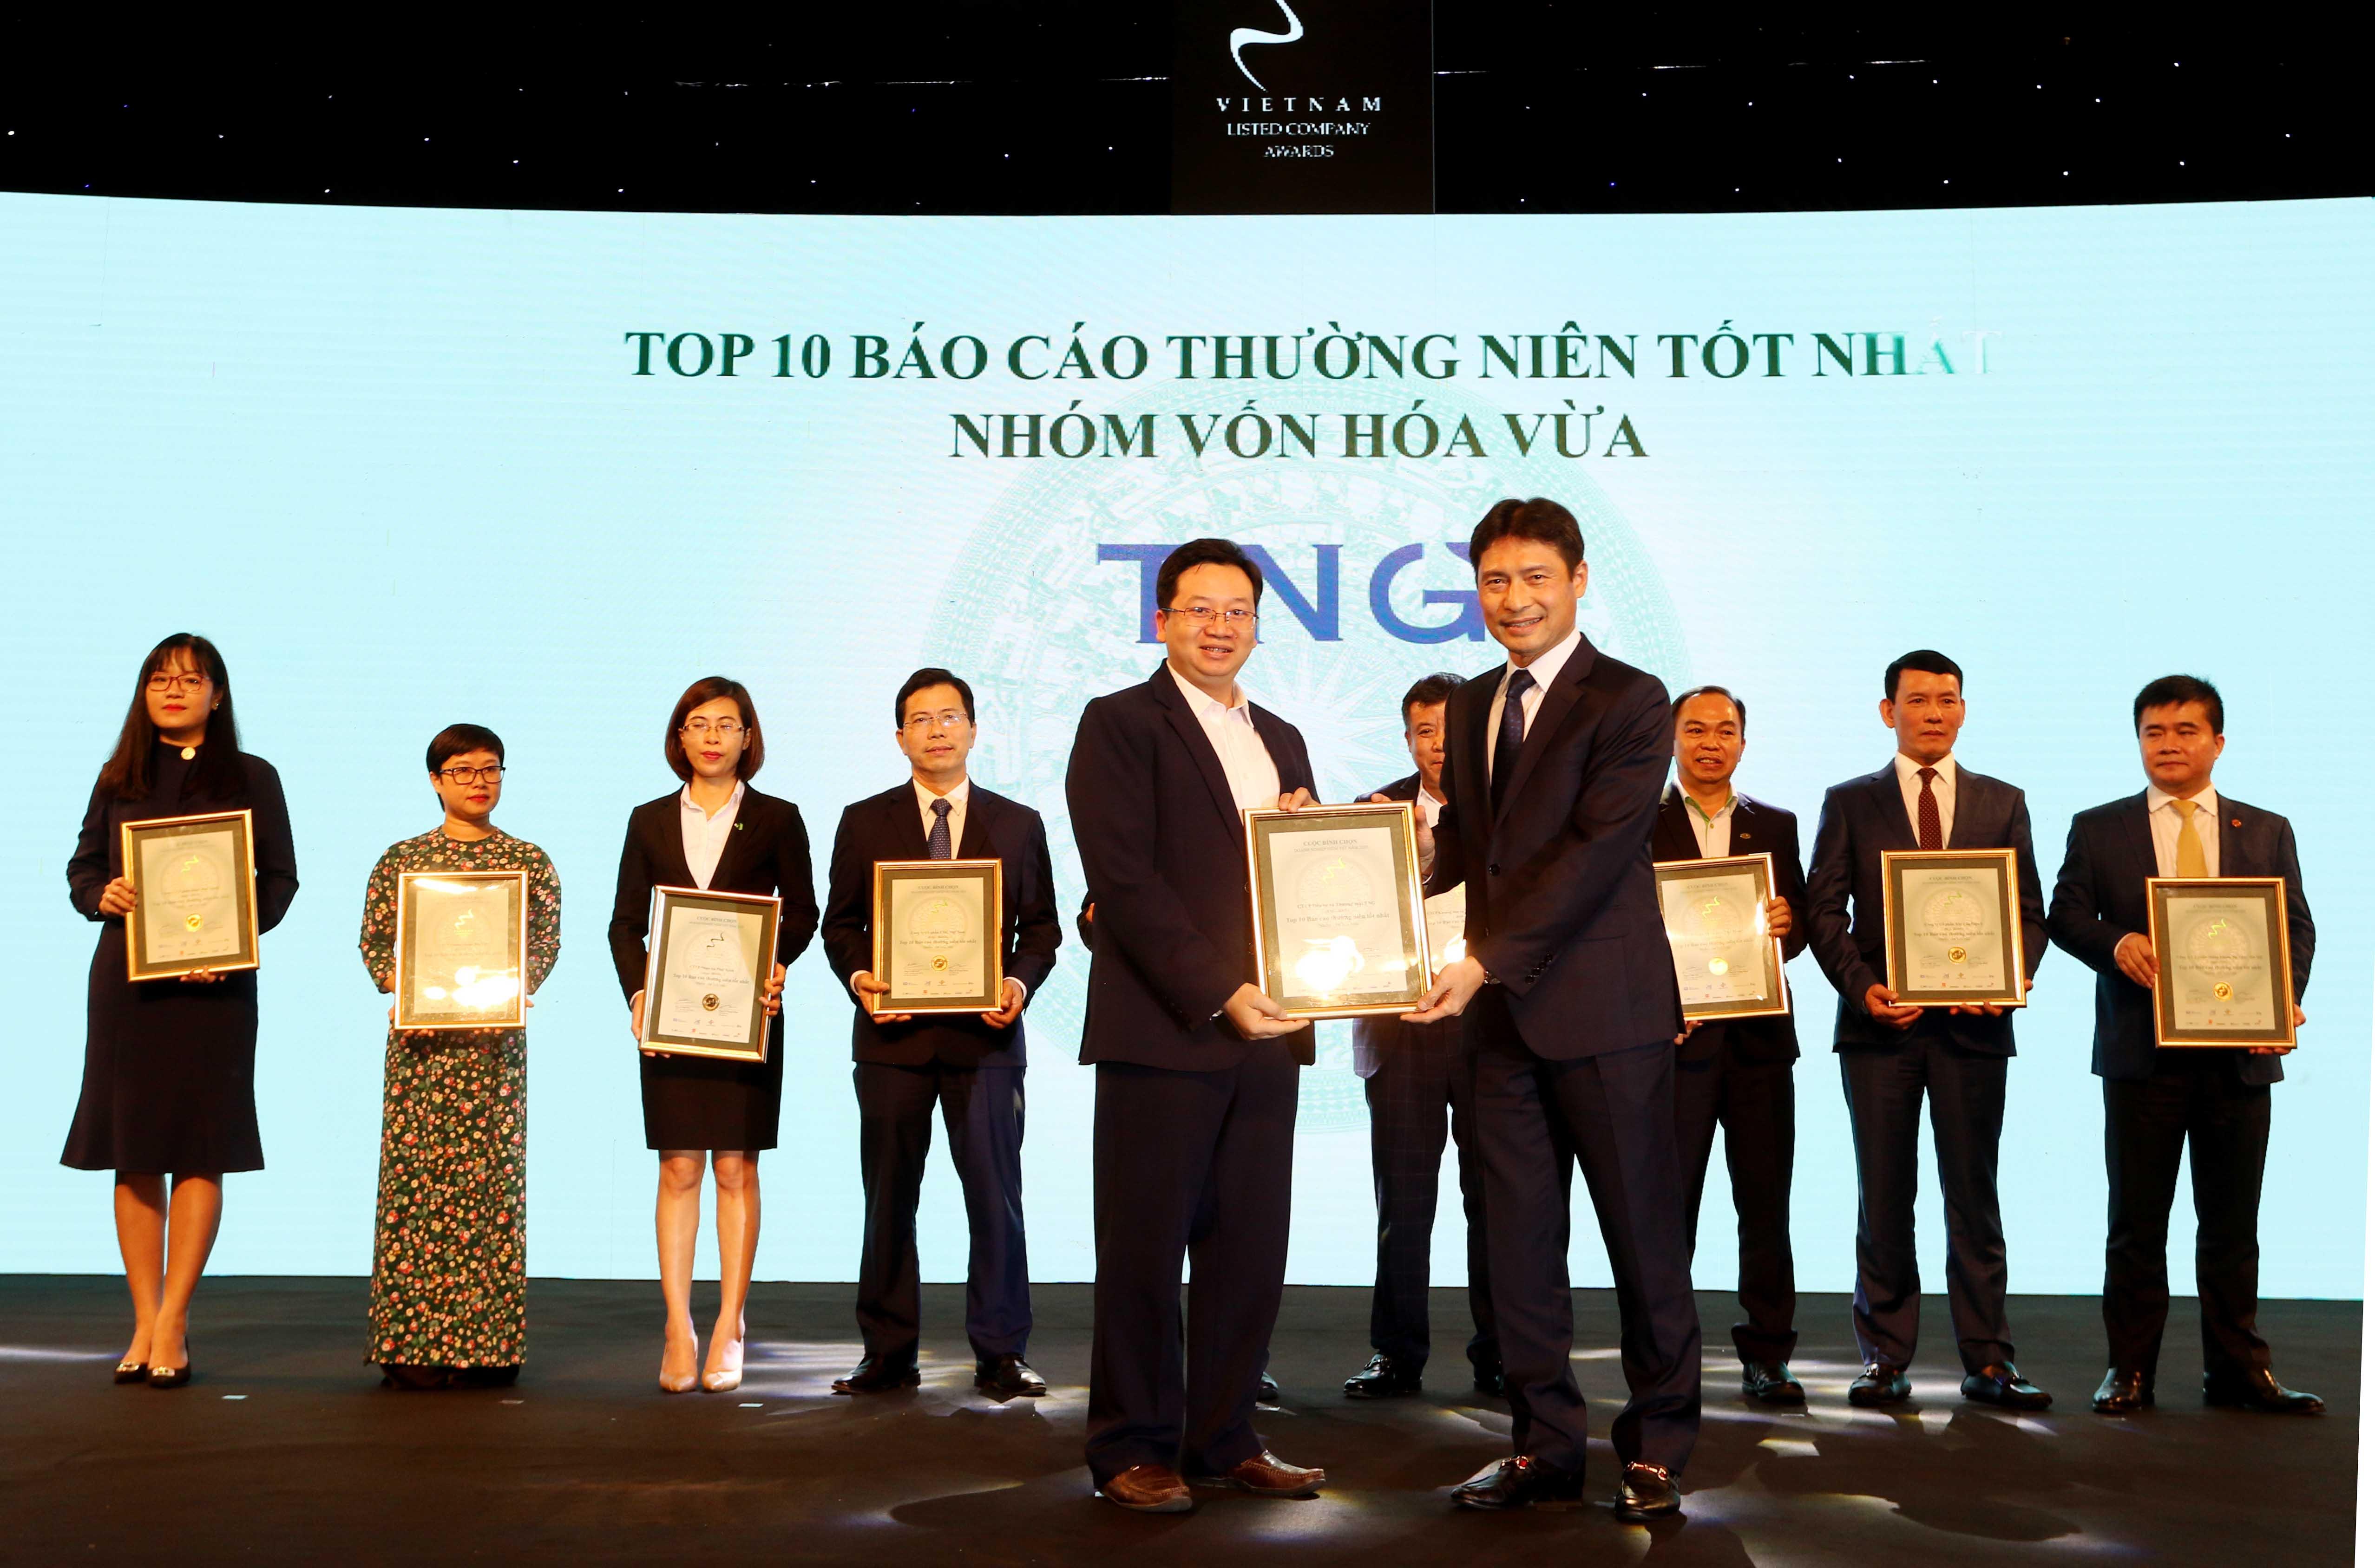 https://www.aravietnam.vn/wp-content/uploads/2020/12/15_Dại-diện-TNG-nhận-TOP-10-nhóm-vốn-hóa-vừa-có-BCTN-tốt-nhất..jpg